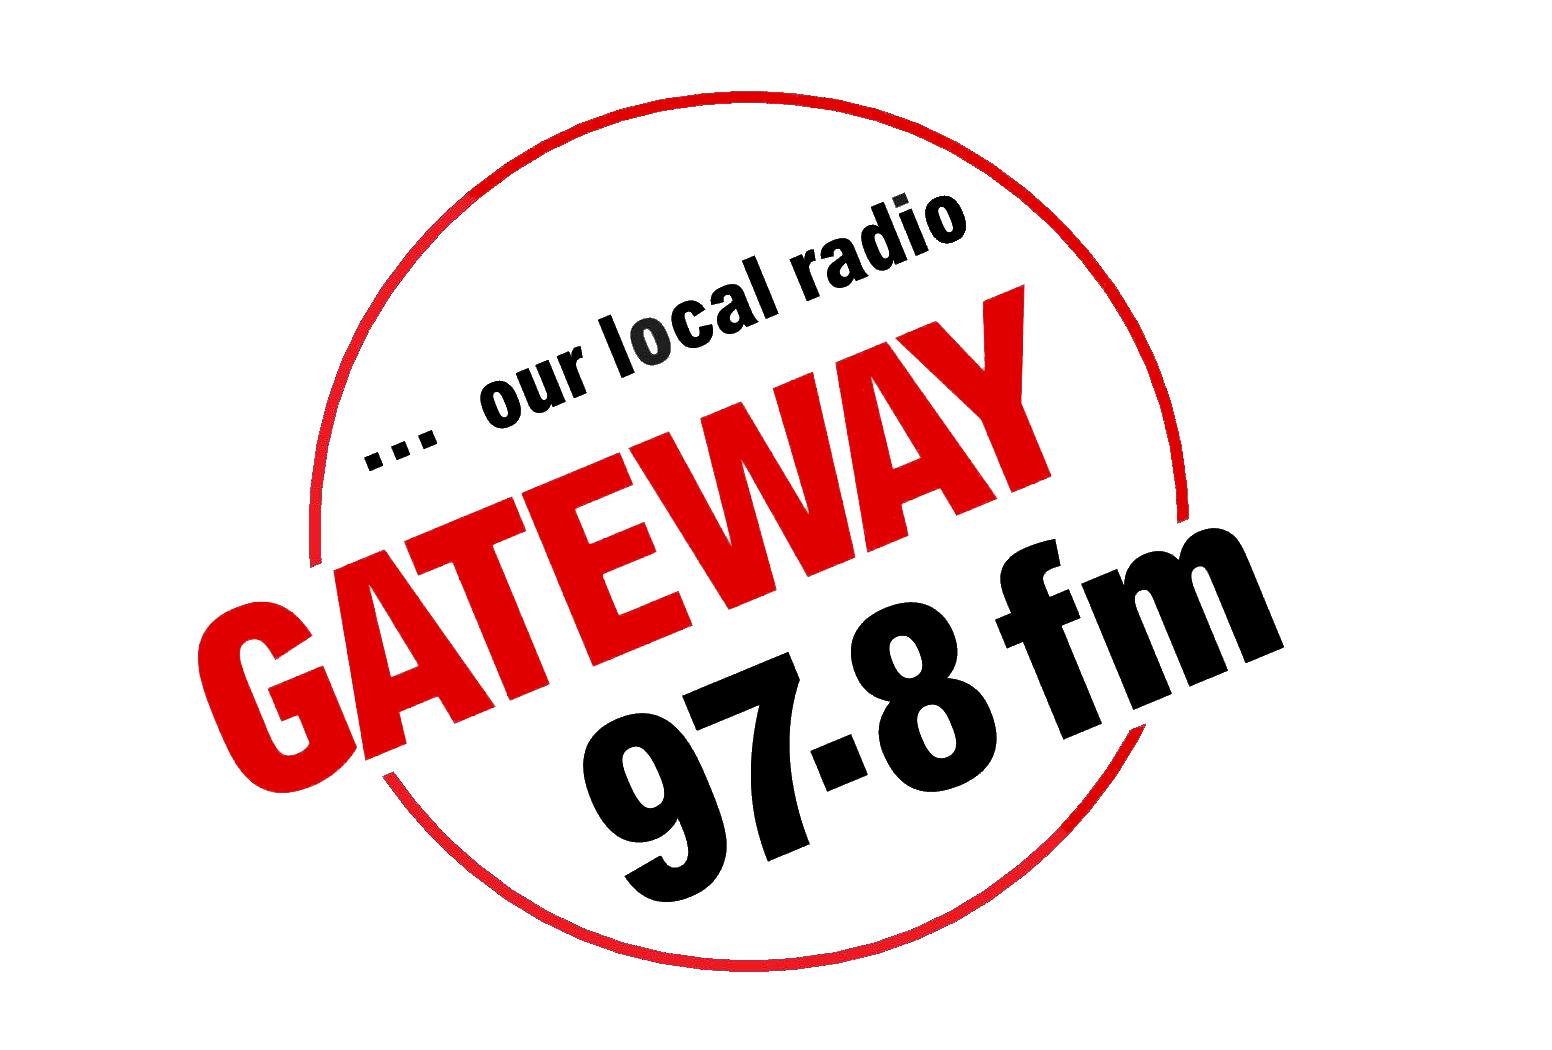 Gateway 97.8 logo